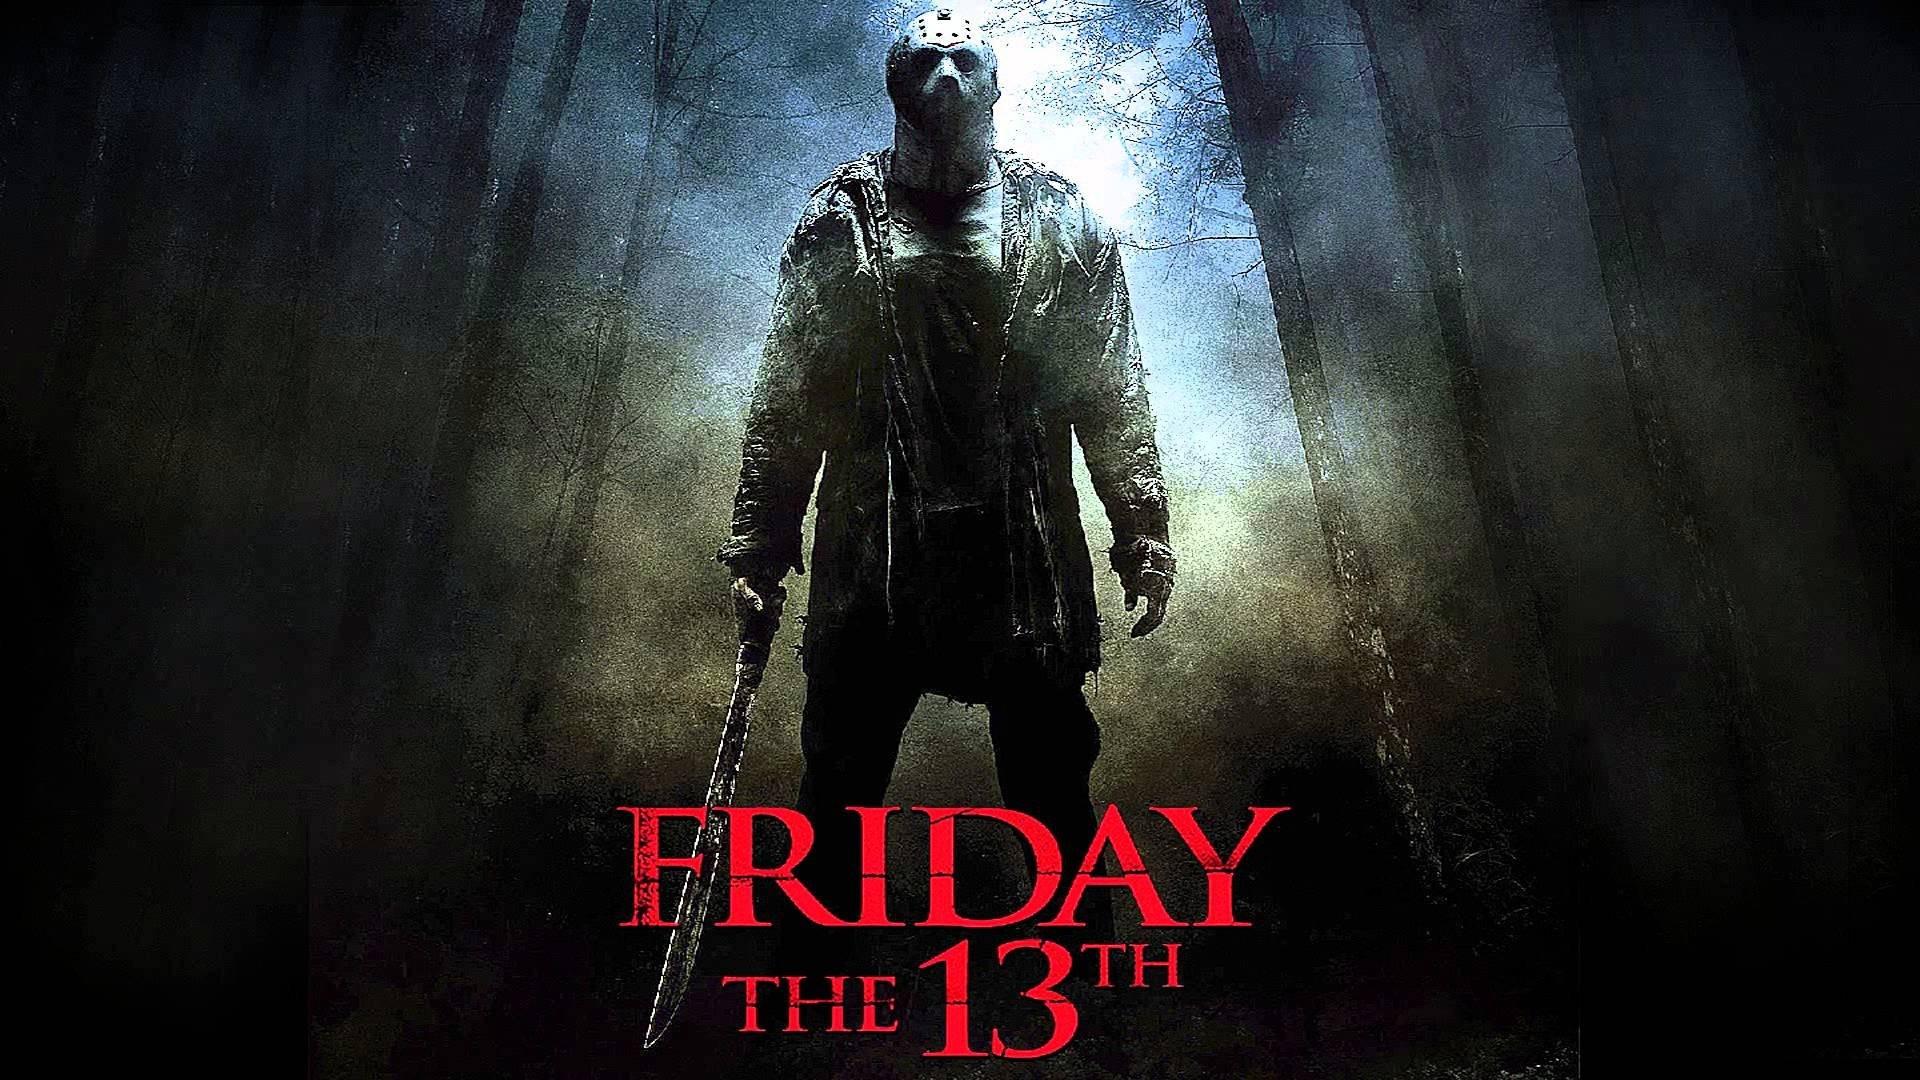 FRIDAY 13TH dark horror violence killer jason thriller fridayhorror .